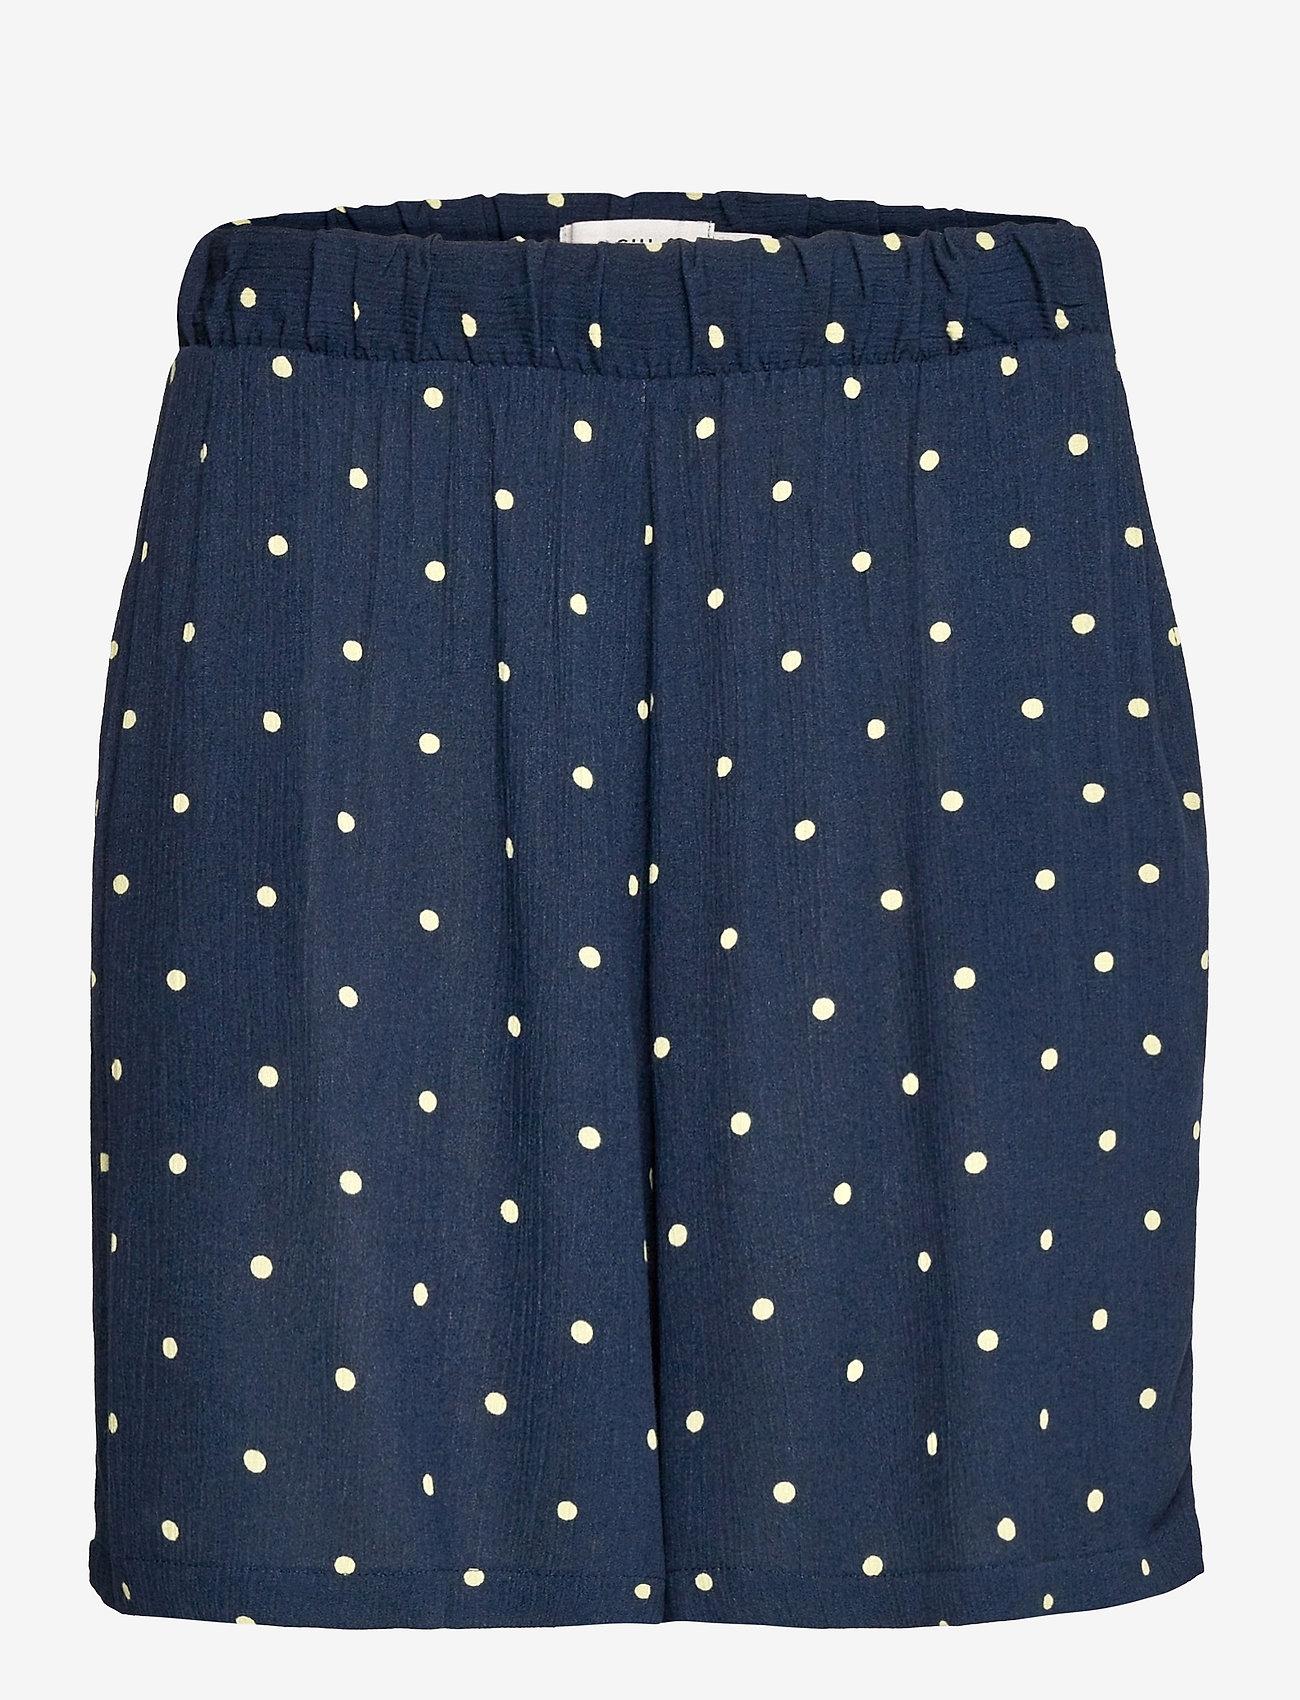 ICHI - IHMARRAKECH AOP SHO - casual shorts - total eclipse dot - 0